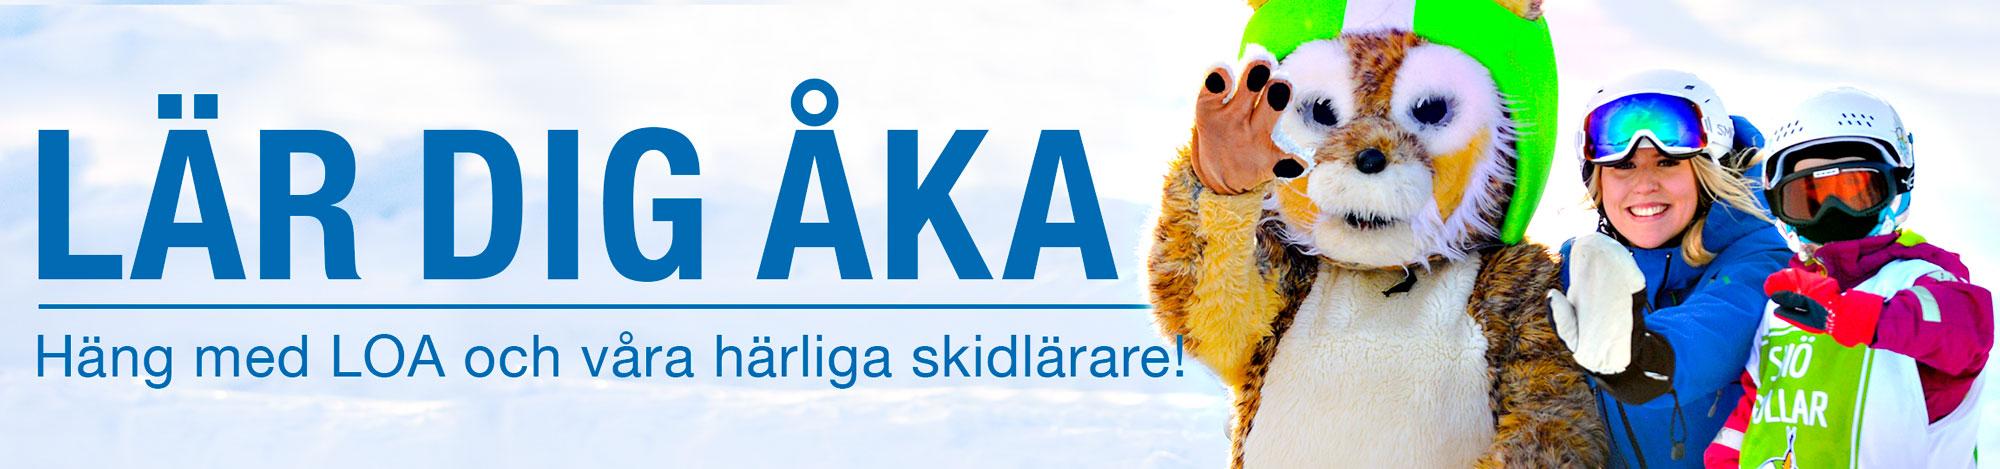 Lär dig åka skidor i Järvsö